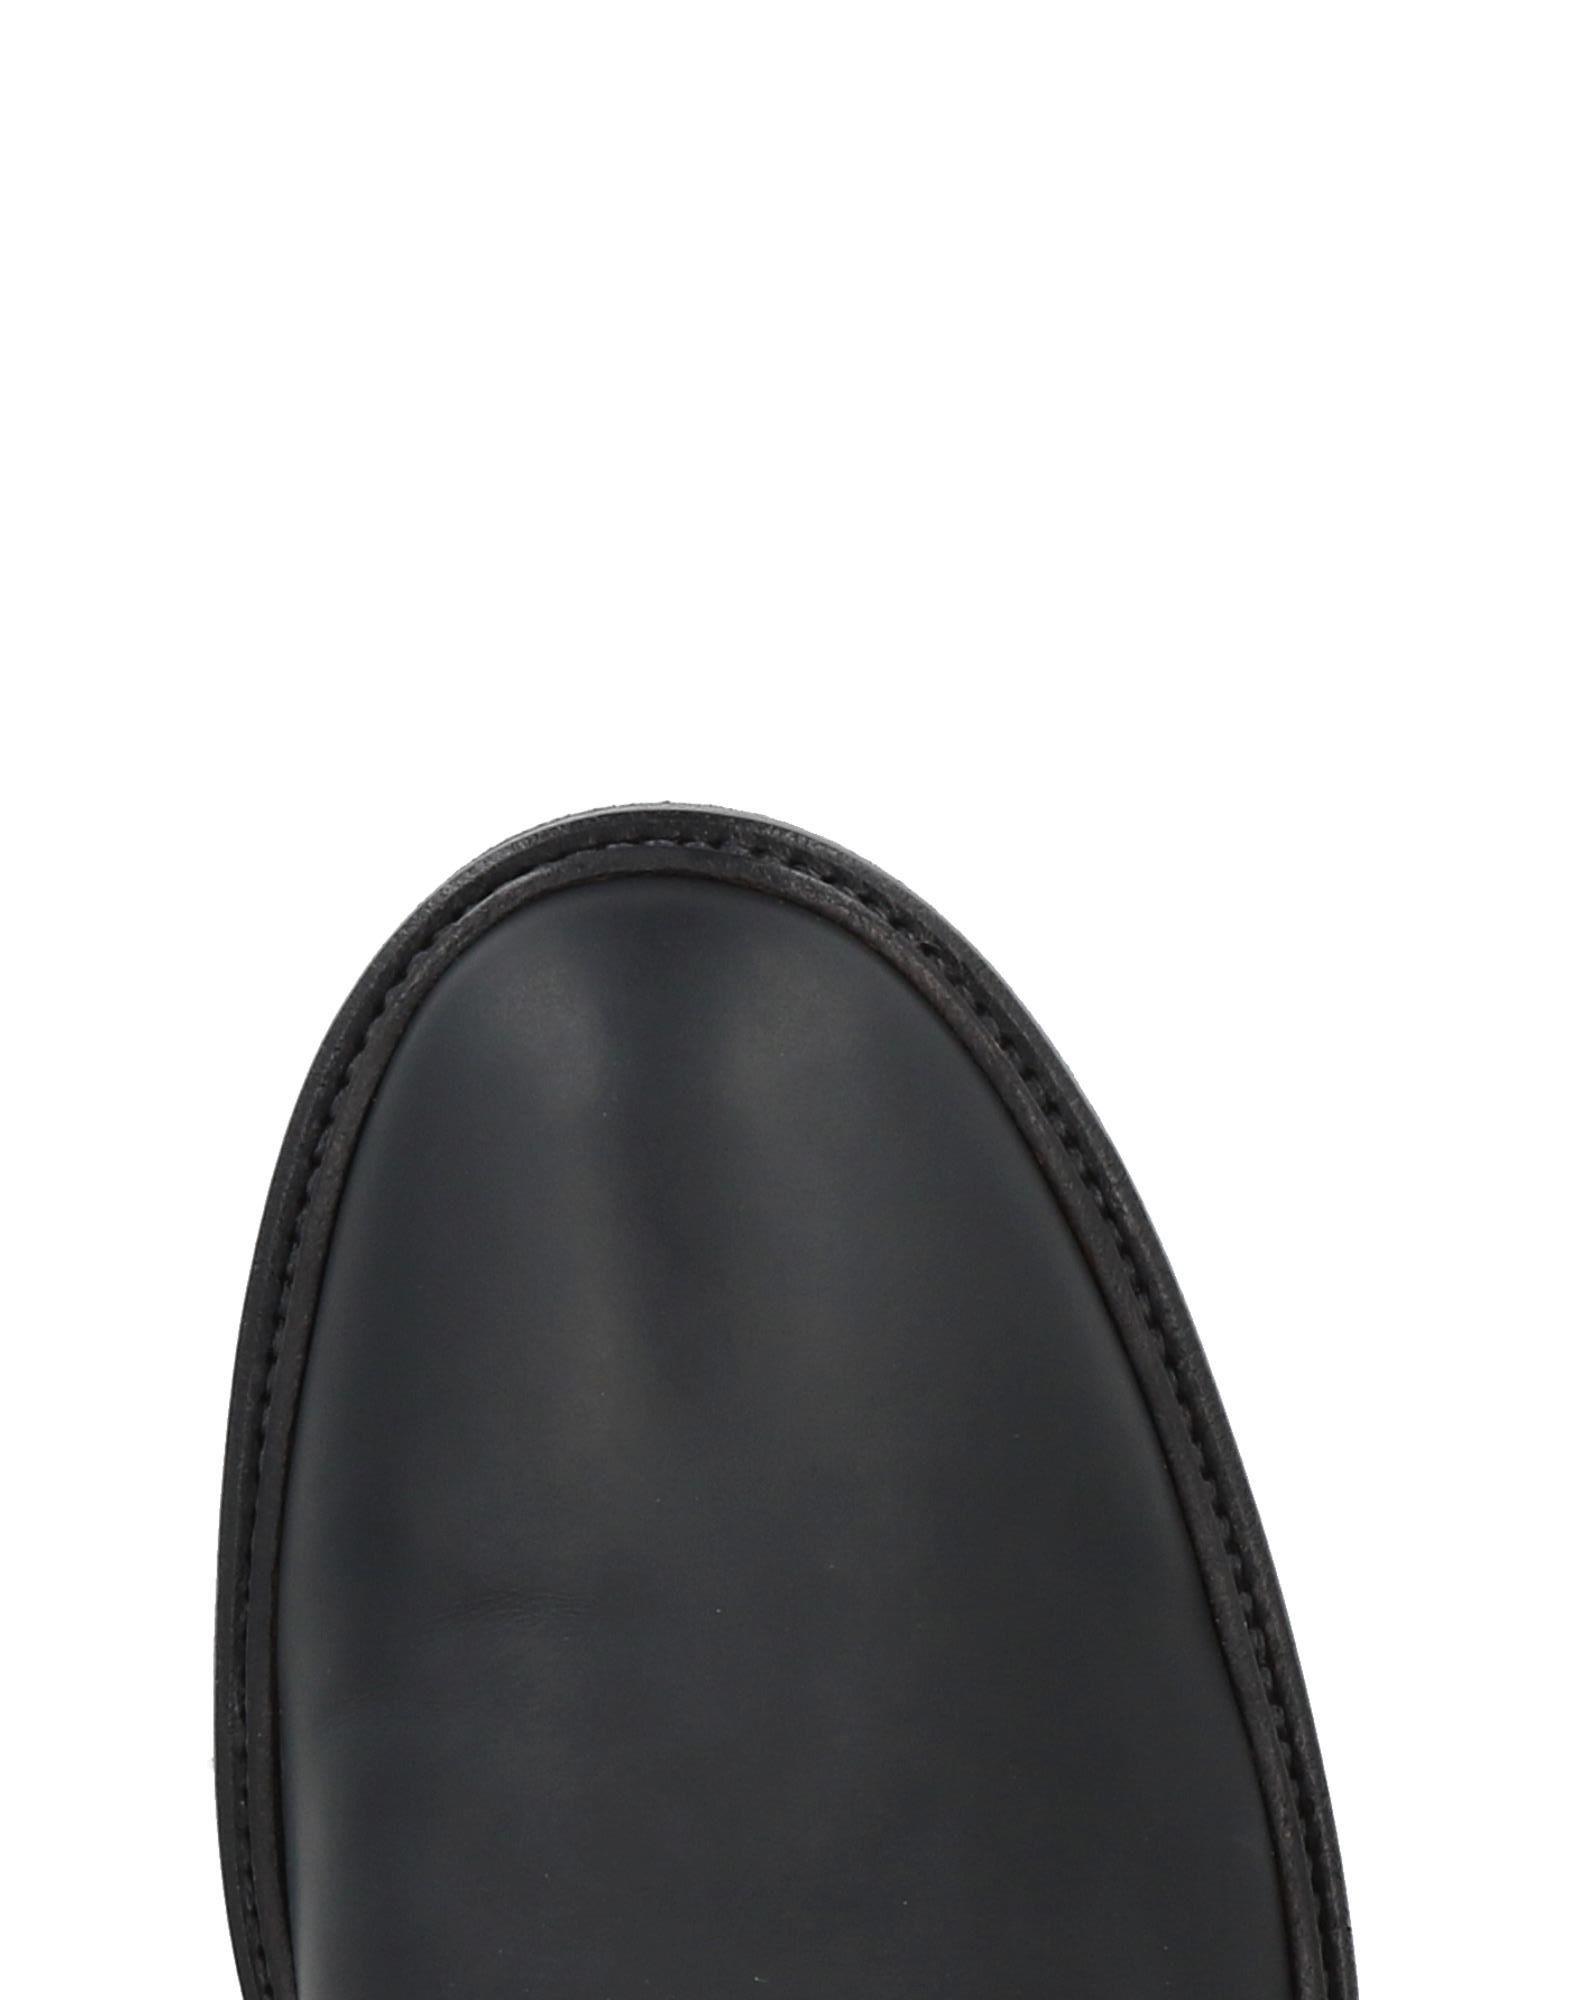 Herren Raparo Schnürschuhe Herren   11459337MB Heiße Schuhe 1c60a3